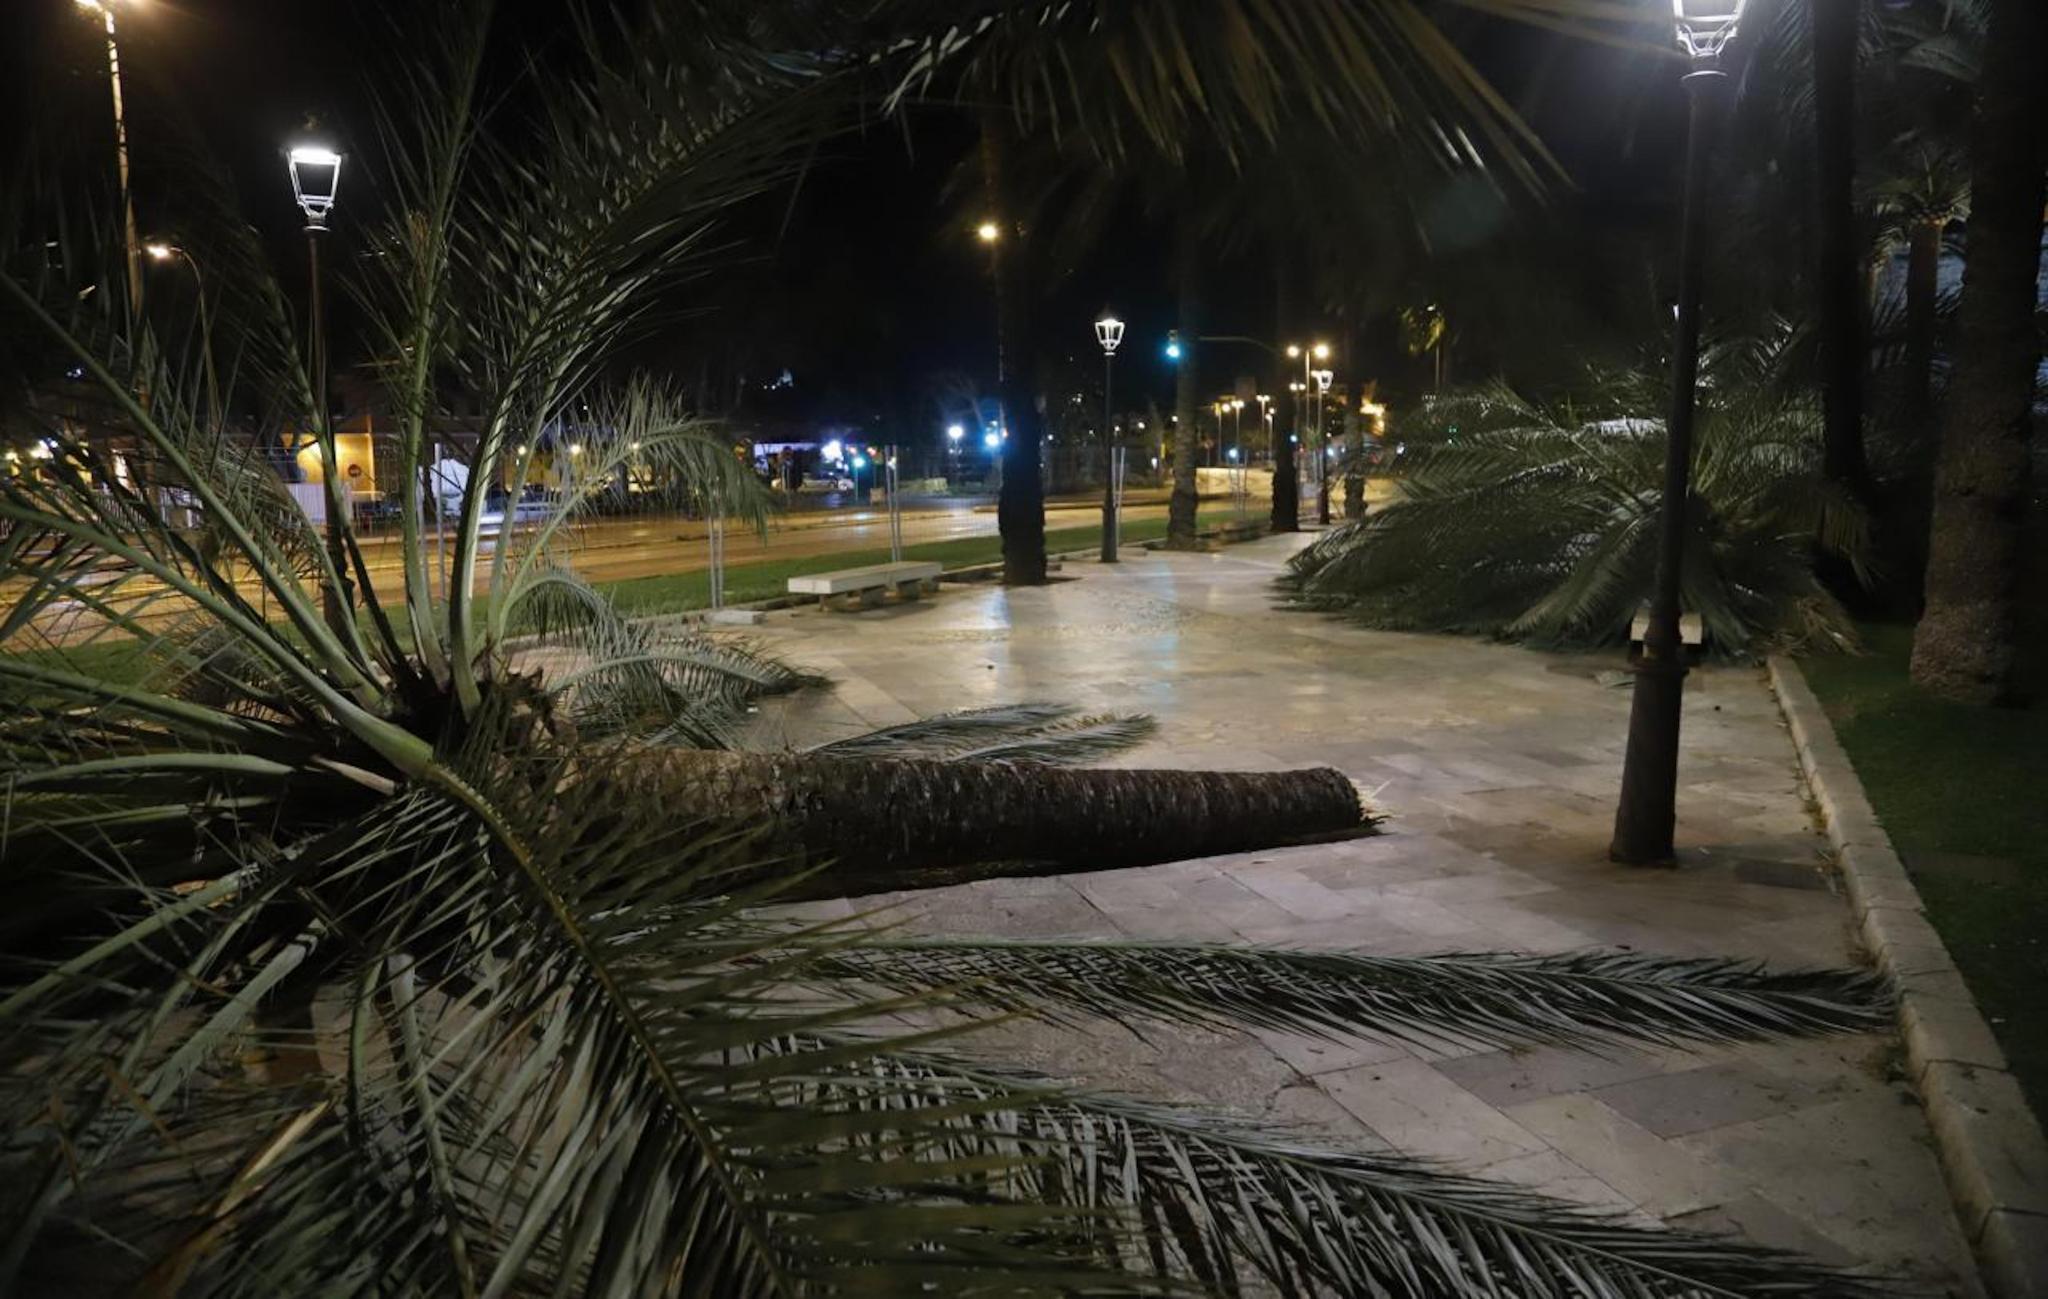 Storm damage in Passeig de Sagrera in Palma.